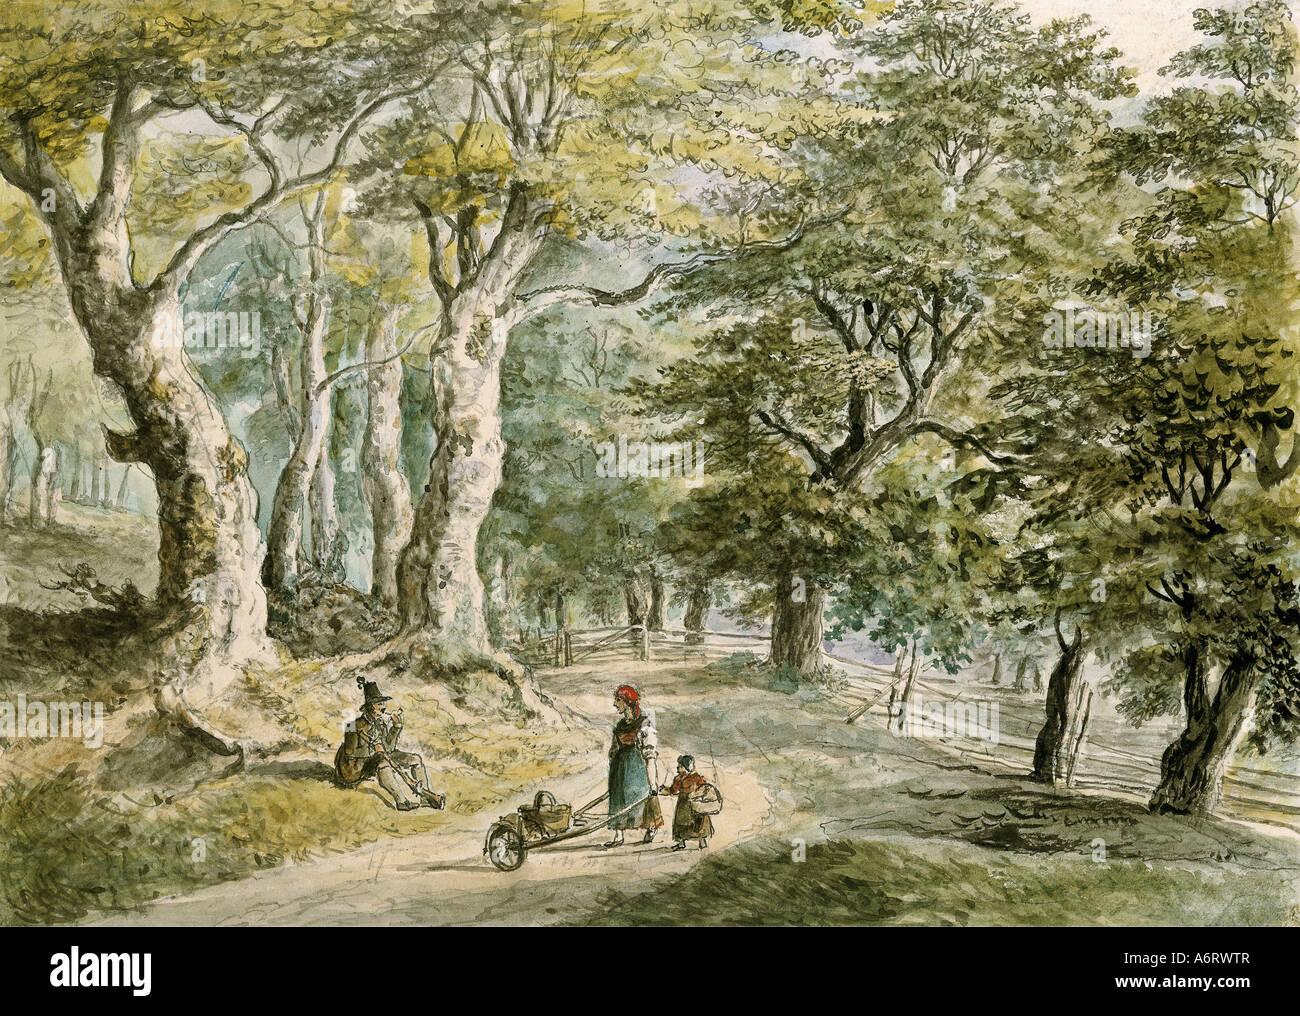 Beaux-arts, Dorner, Johann Jakob, le jeune (1775 - 1852), Forrest près de Dietramszell, aquarelle, 21,6x30 Photo Stock